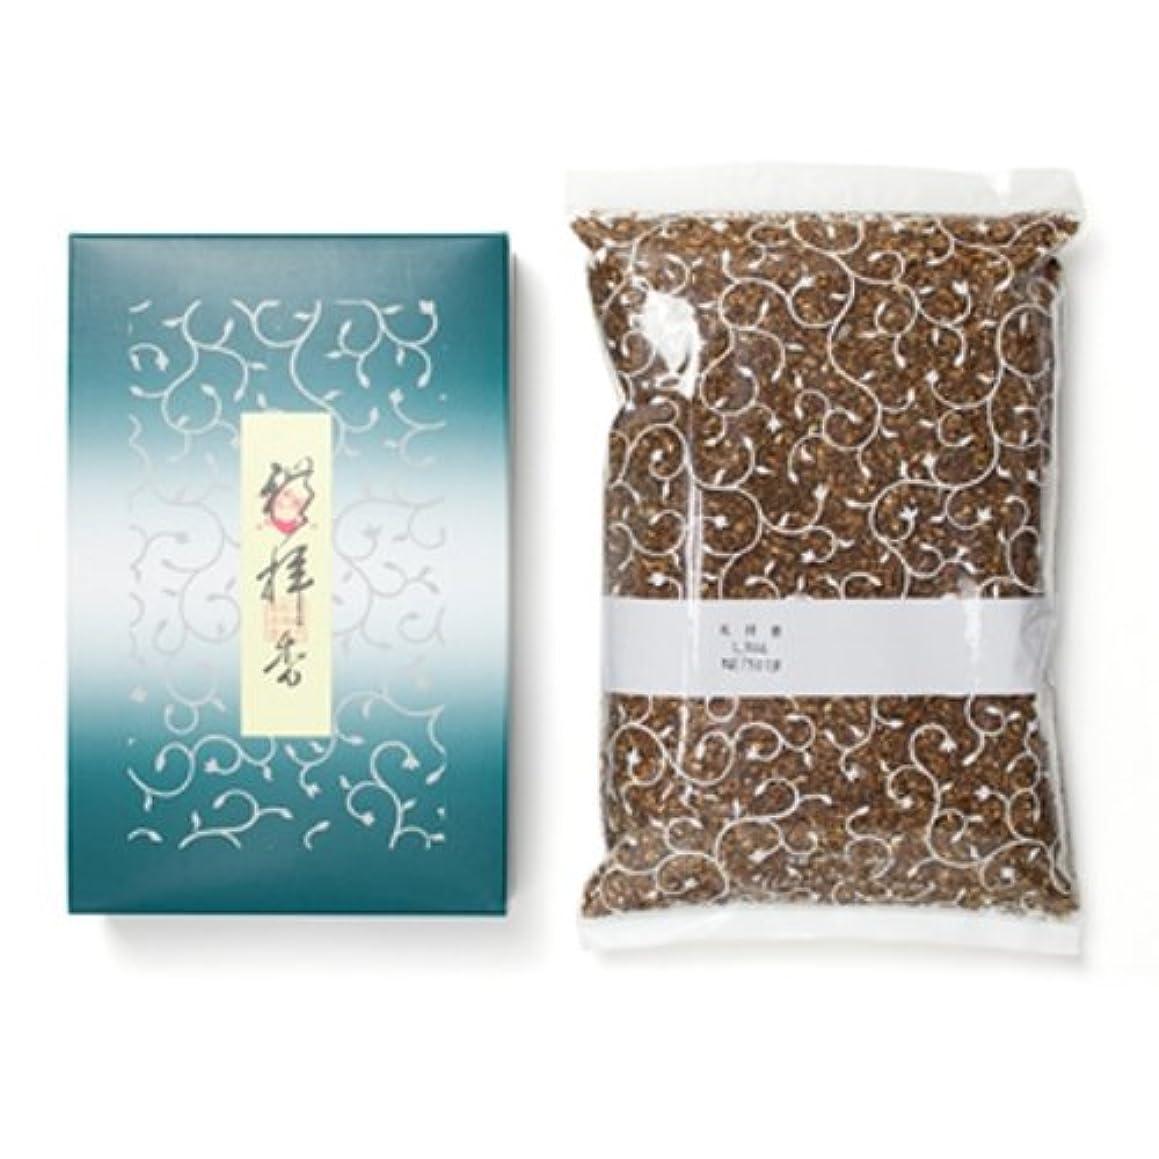 最初はライオンバット松栄堂のお焼香 礼拝香 500g詰 紙箱入 #410511